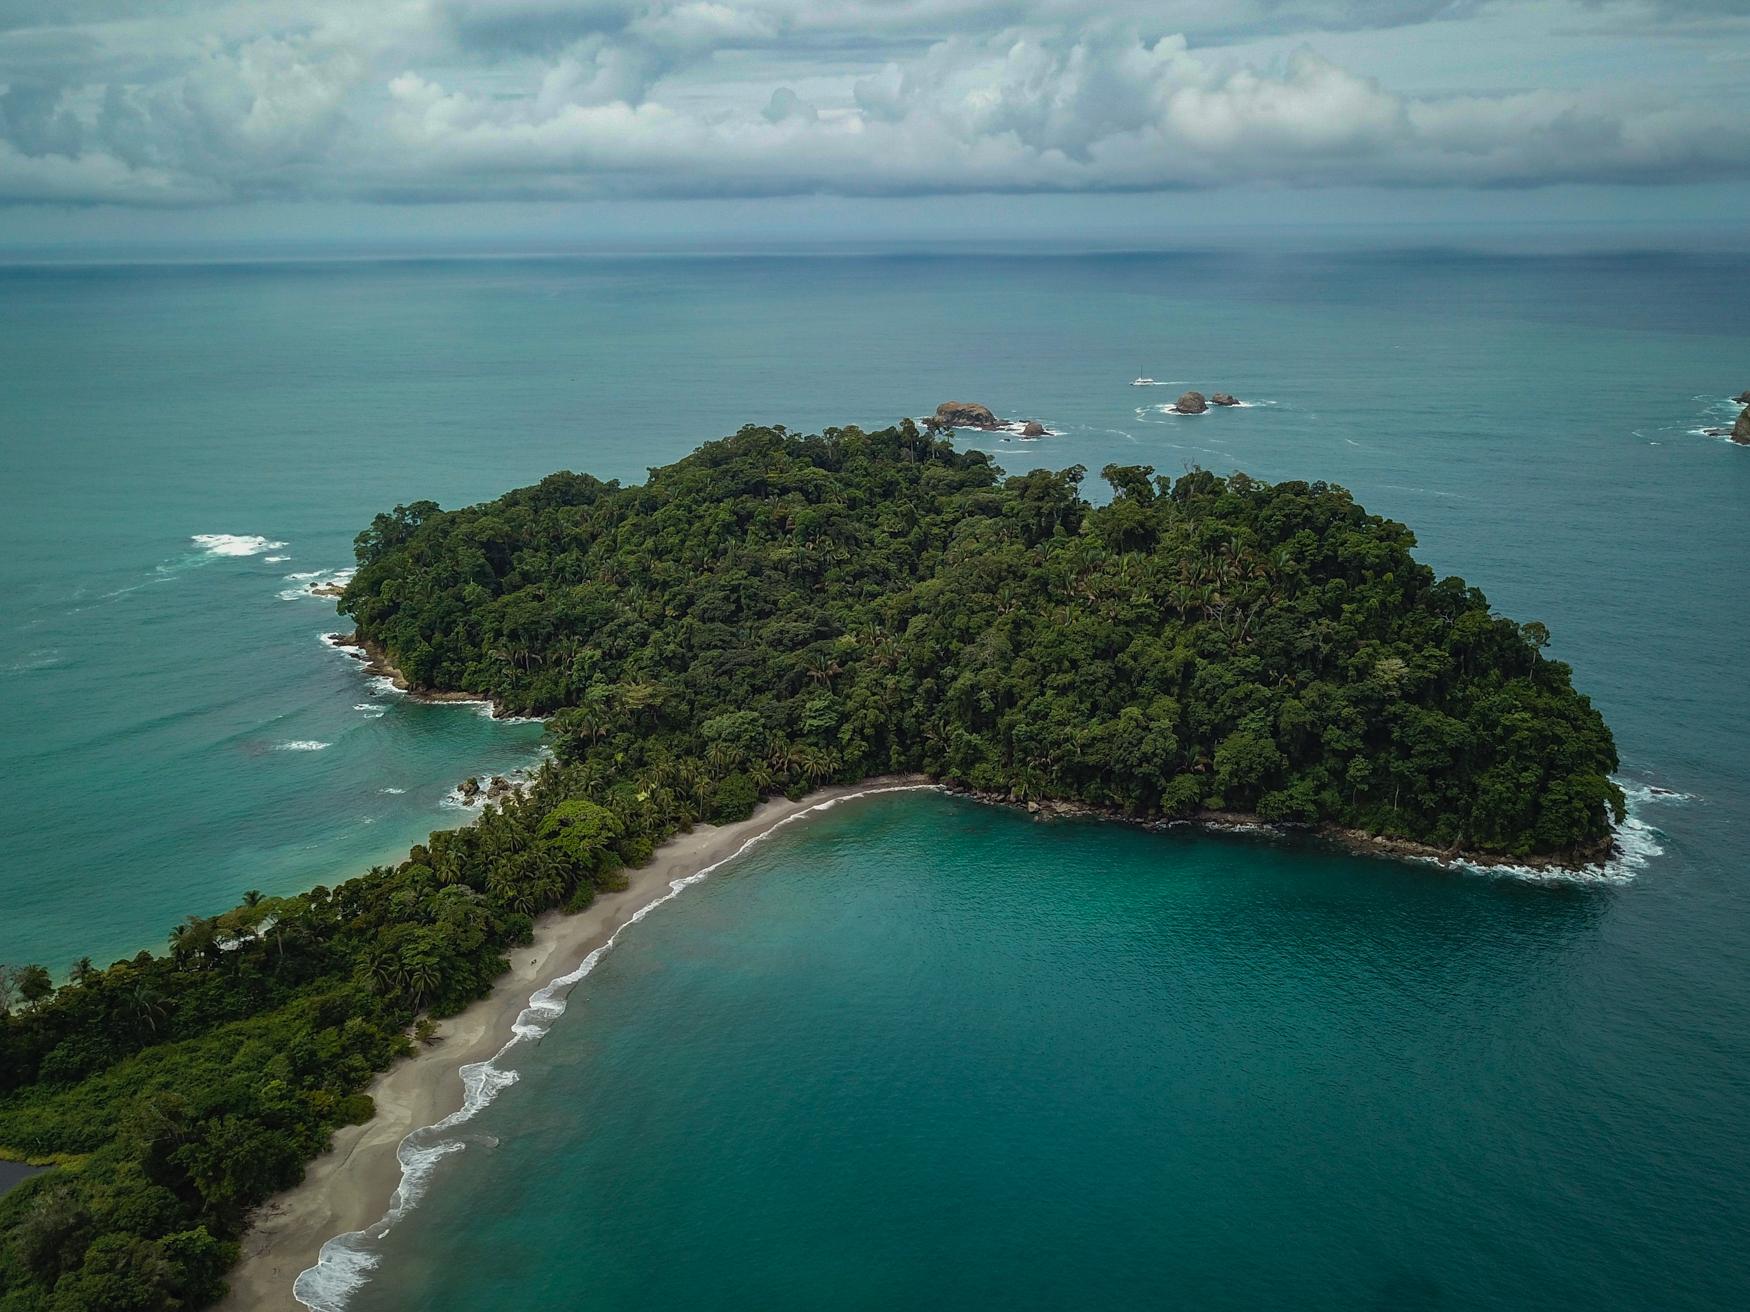 ManuelAntonio-YogaRetreat-Drone-Photography-Costa-Rica